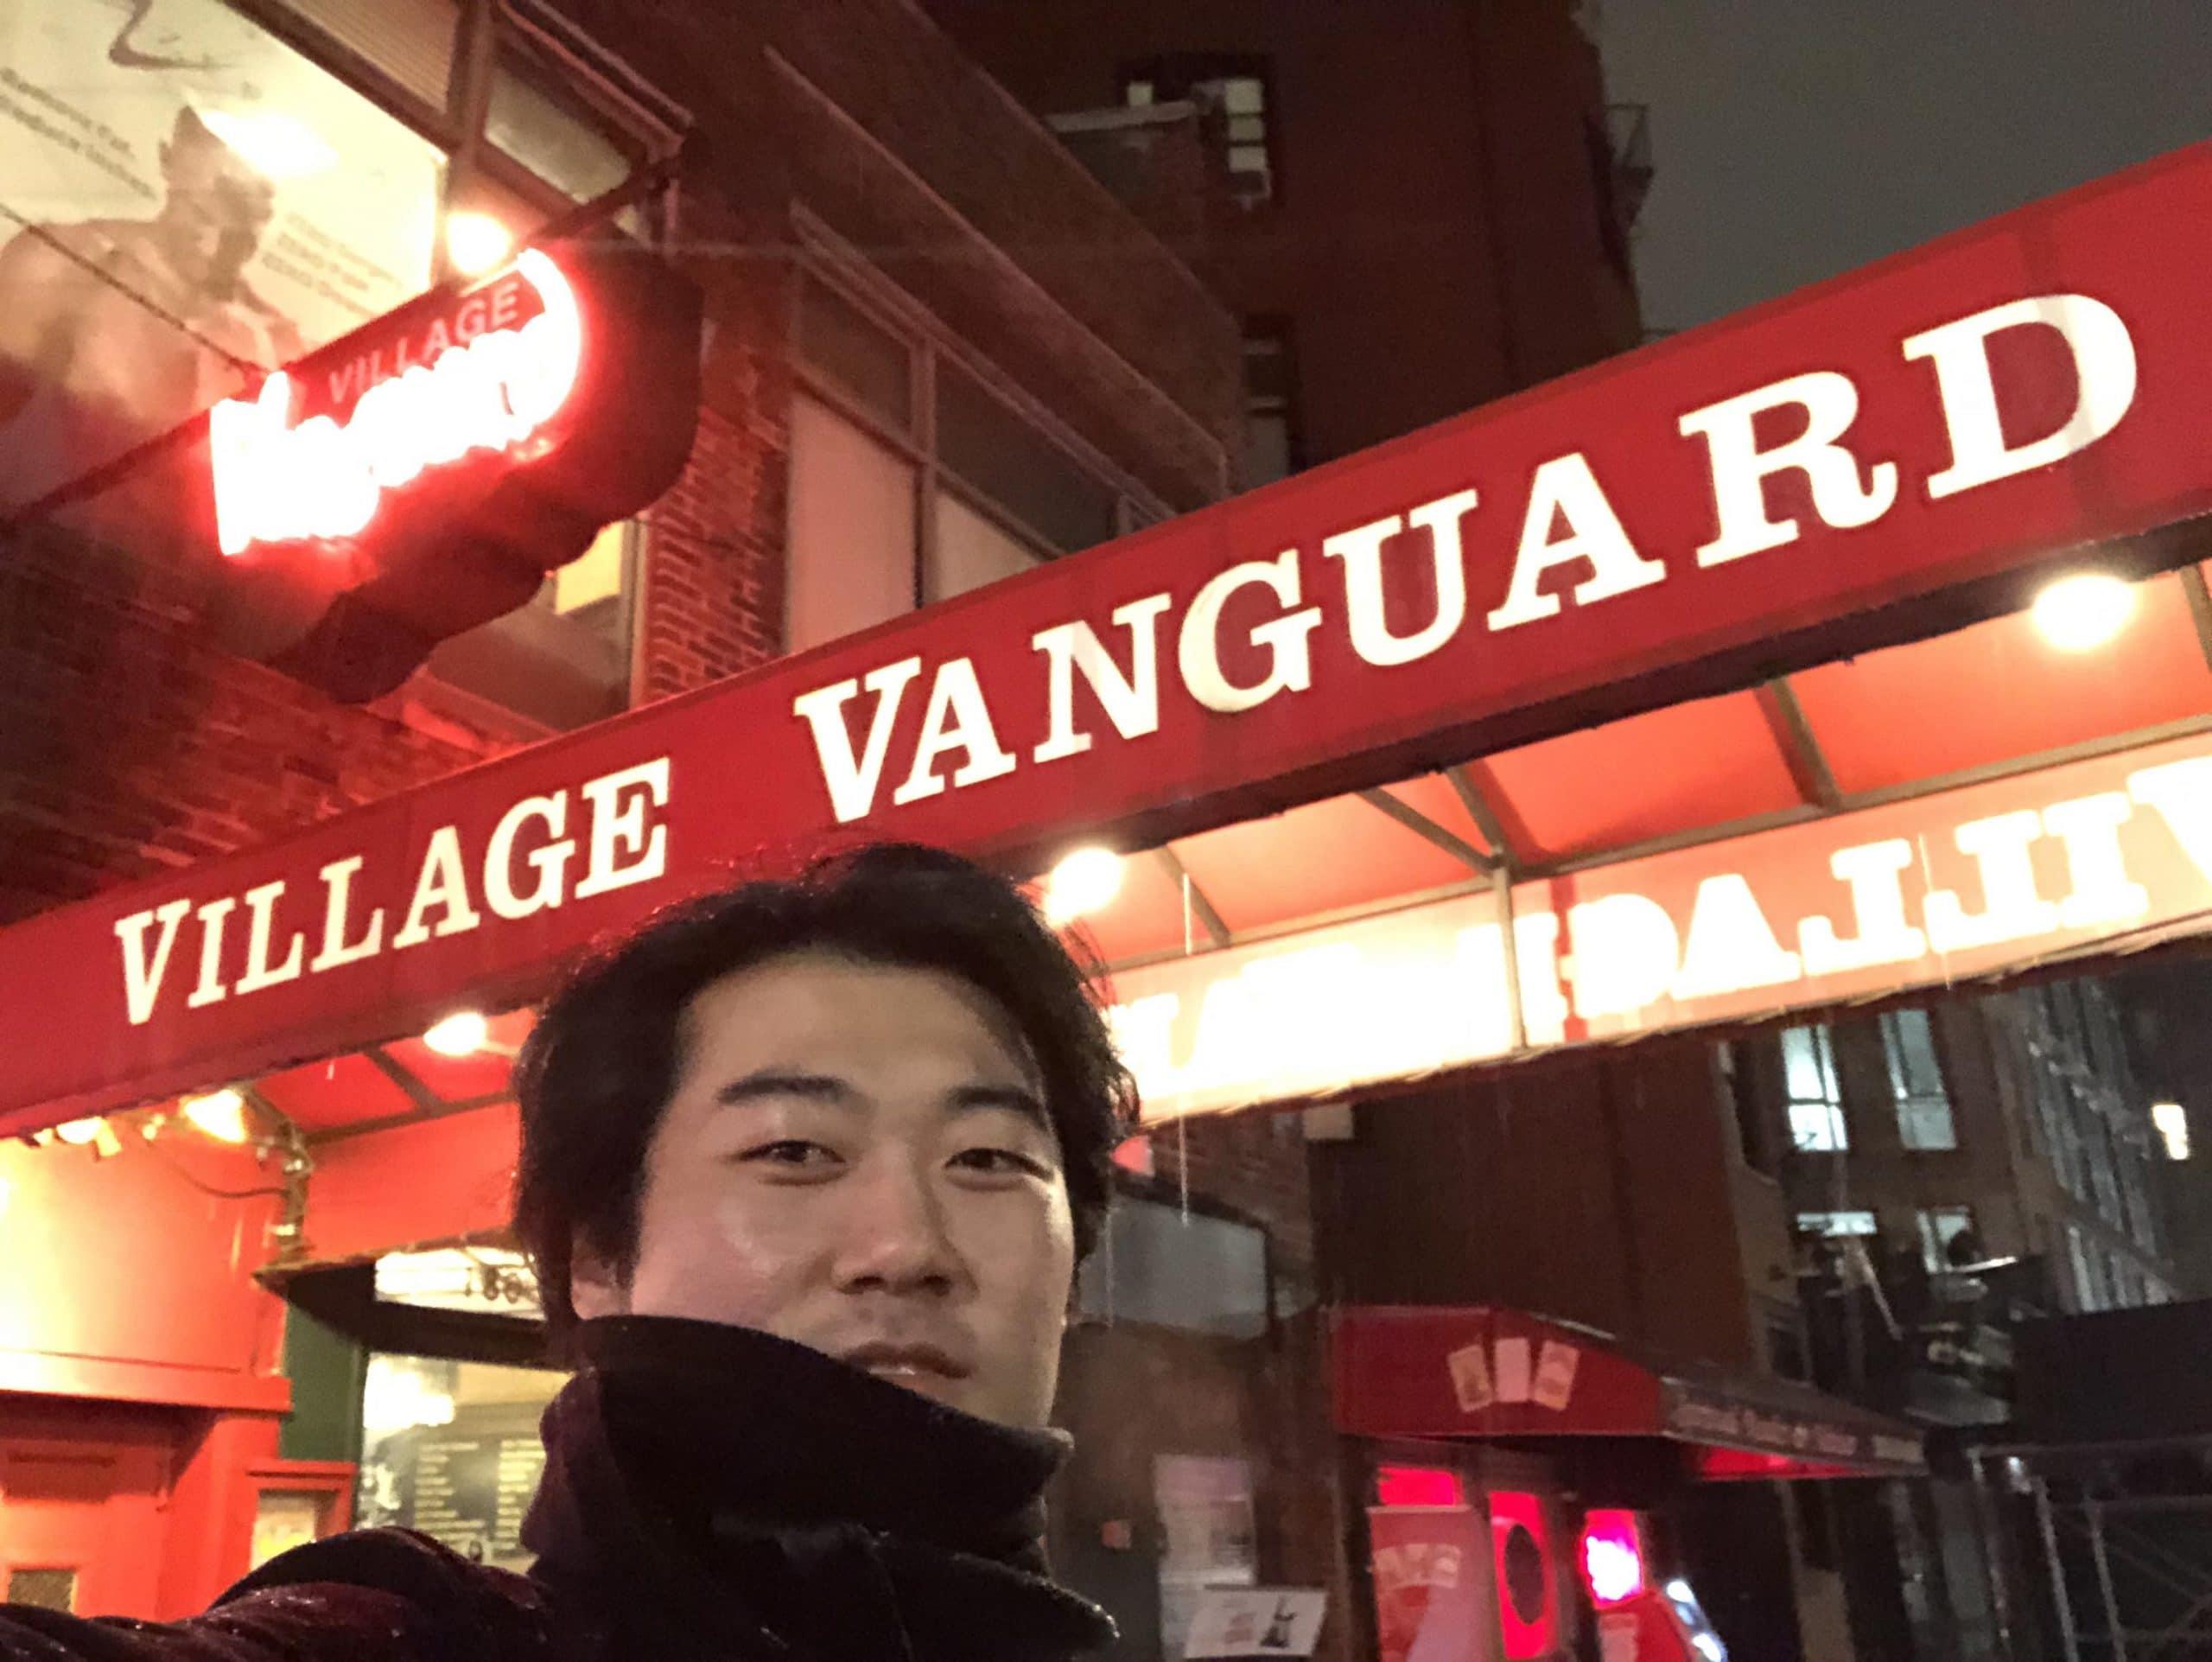 憧れのヴィレッジ・ヴァンガード。ここで録られたビル・エヴァンスの《ワルツ・フォー・デビイ》で音の世界観が変わりました。@ニューヨーク